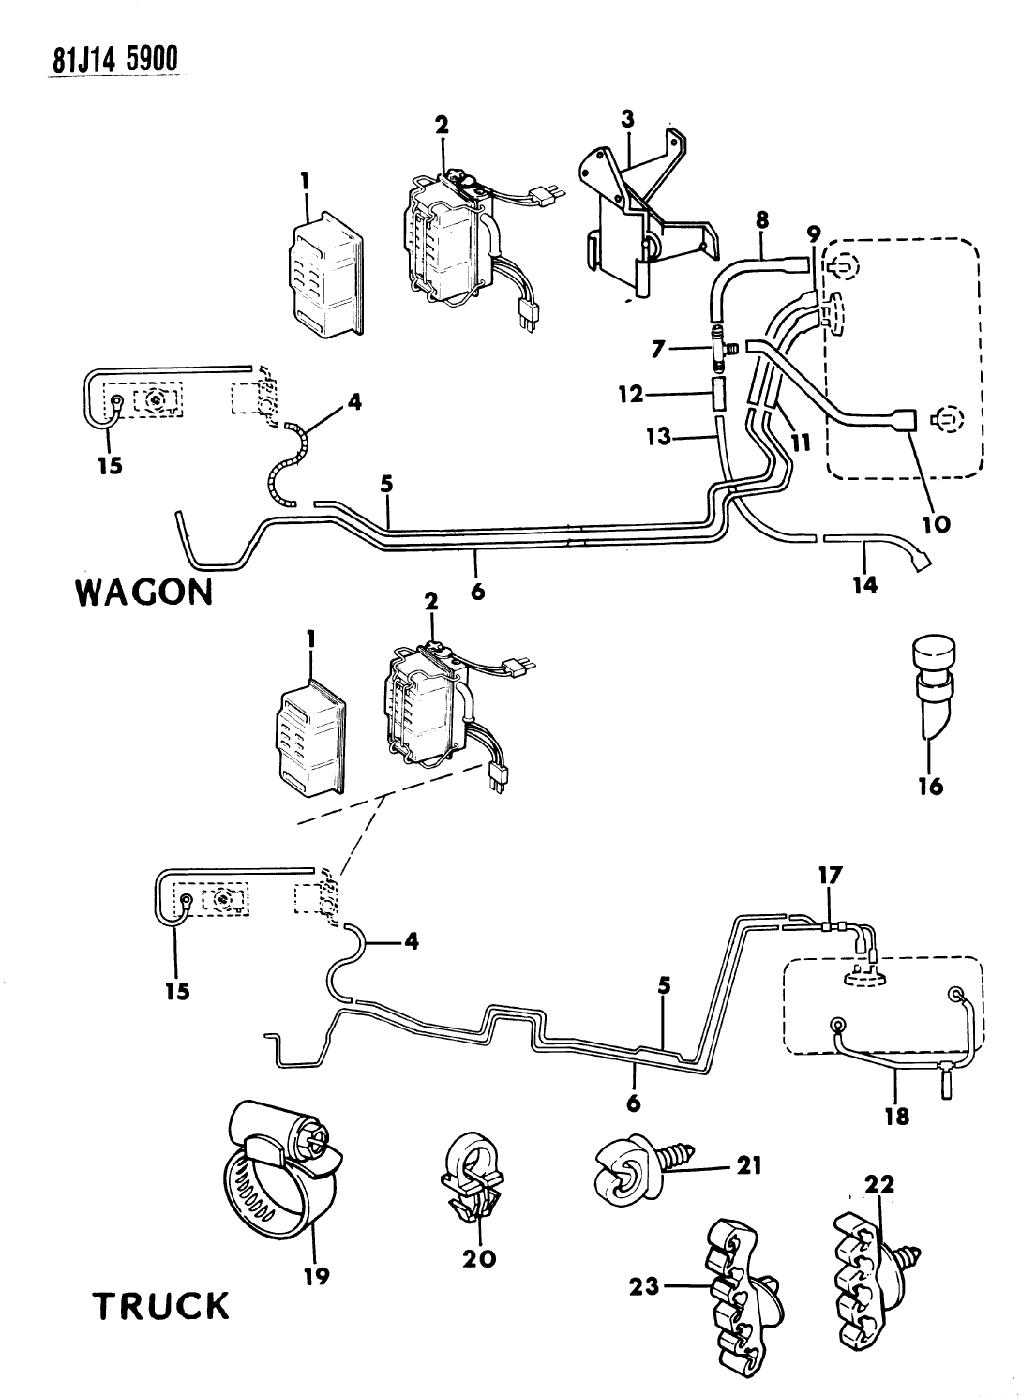 1986 jeep comanche fuse box wiring library1986 jeep comanche fuel line diagram 2